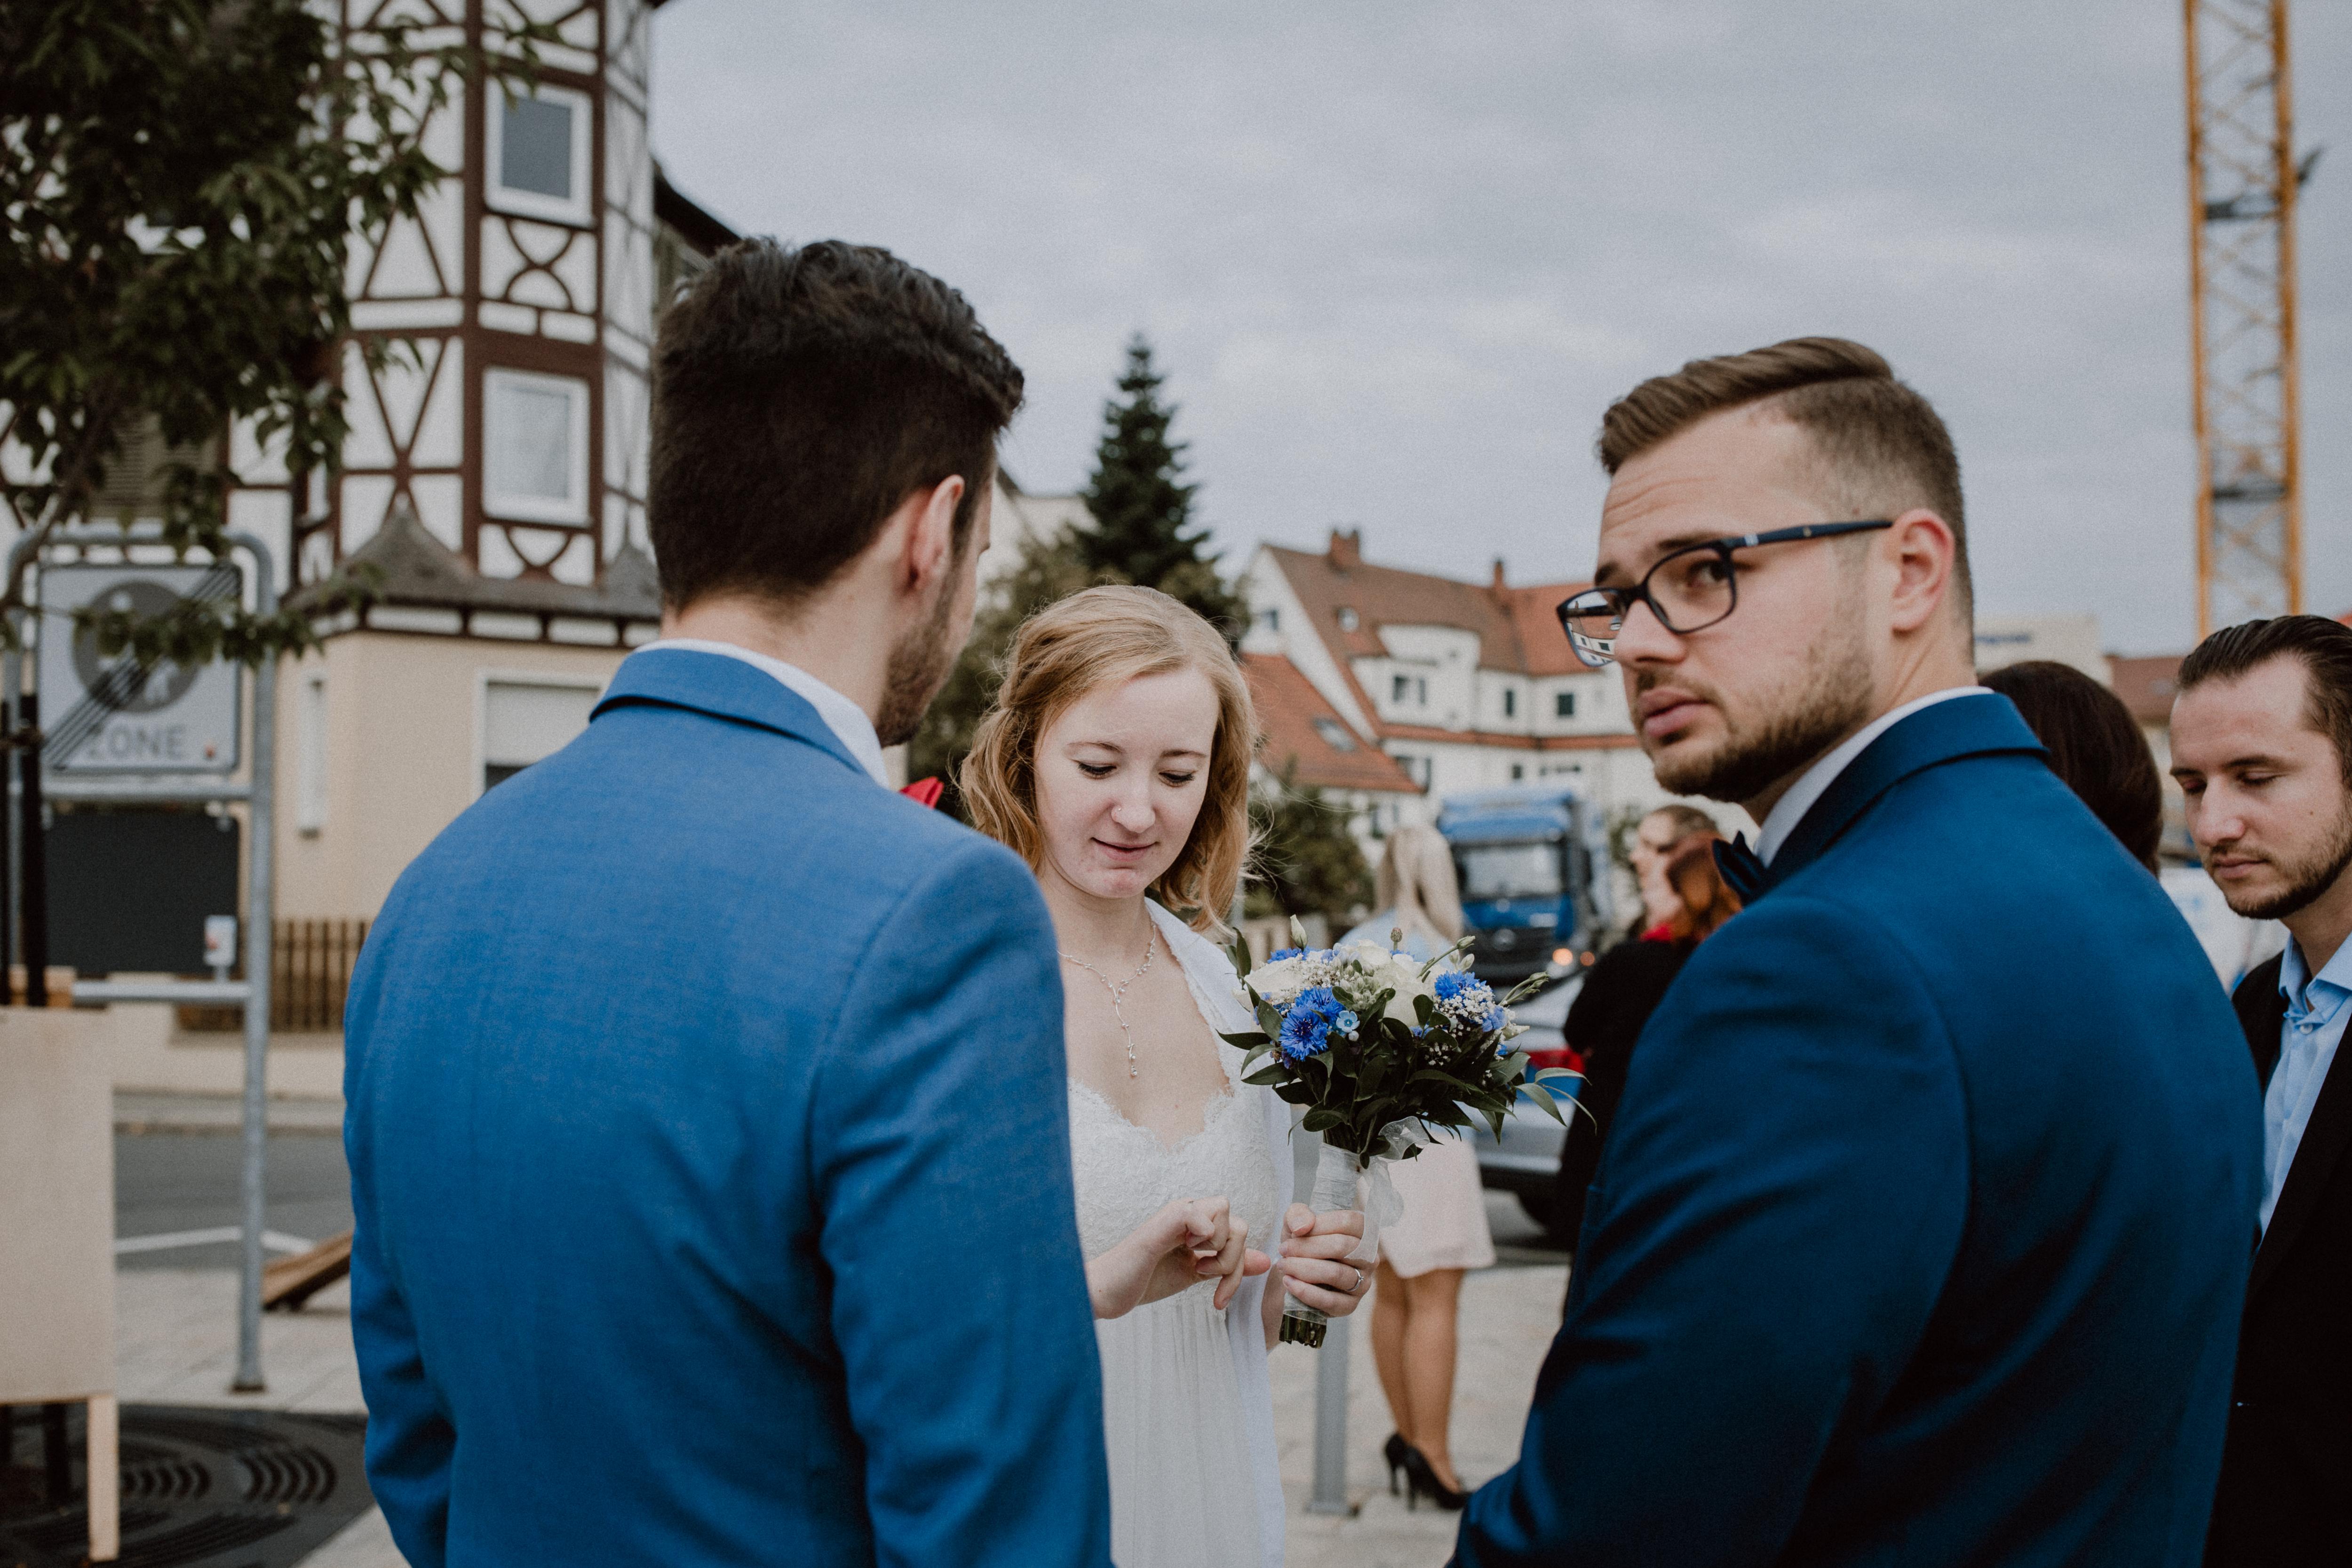 URBANERIE_Daniela_Goth_Hochzeitsfotografin_Nürnberg_Fürth_Erlangen_Schwabach_17907_0220